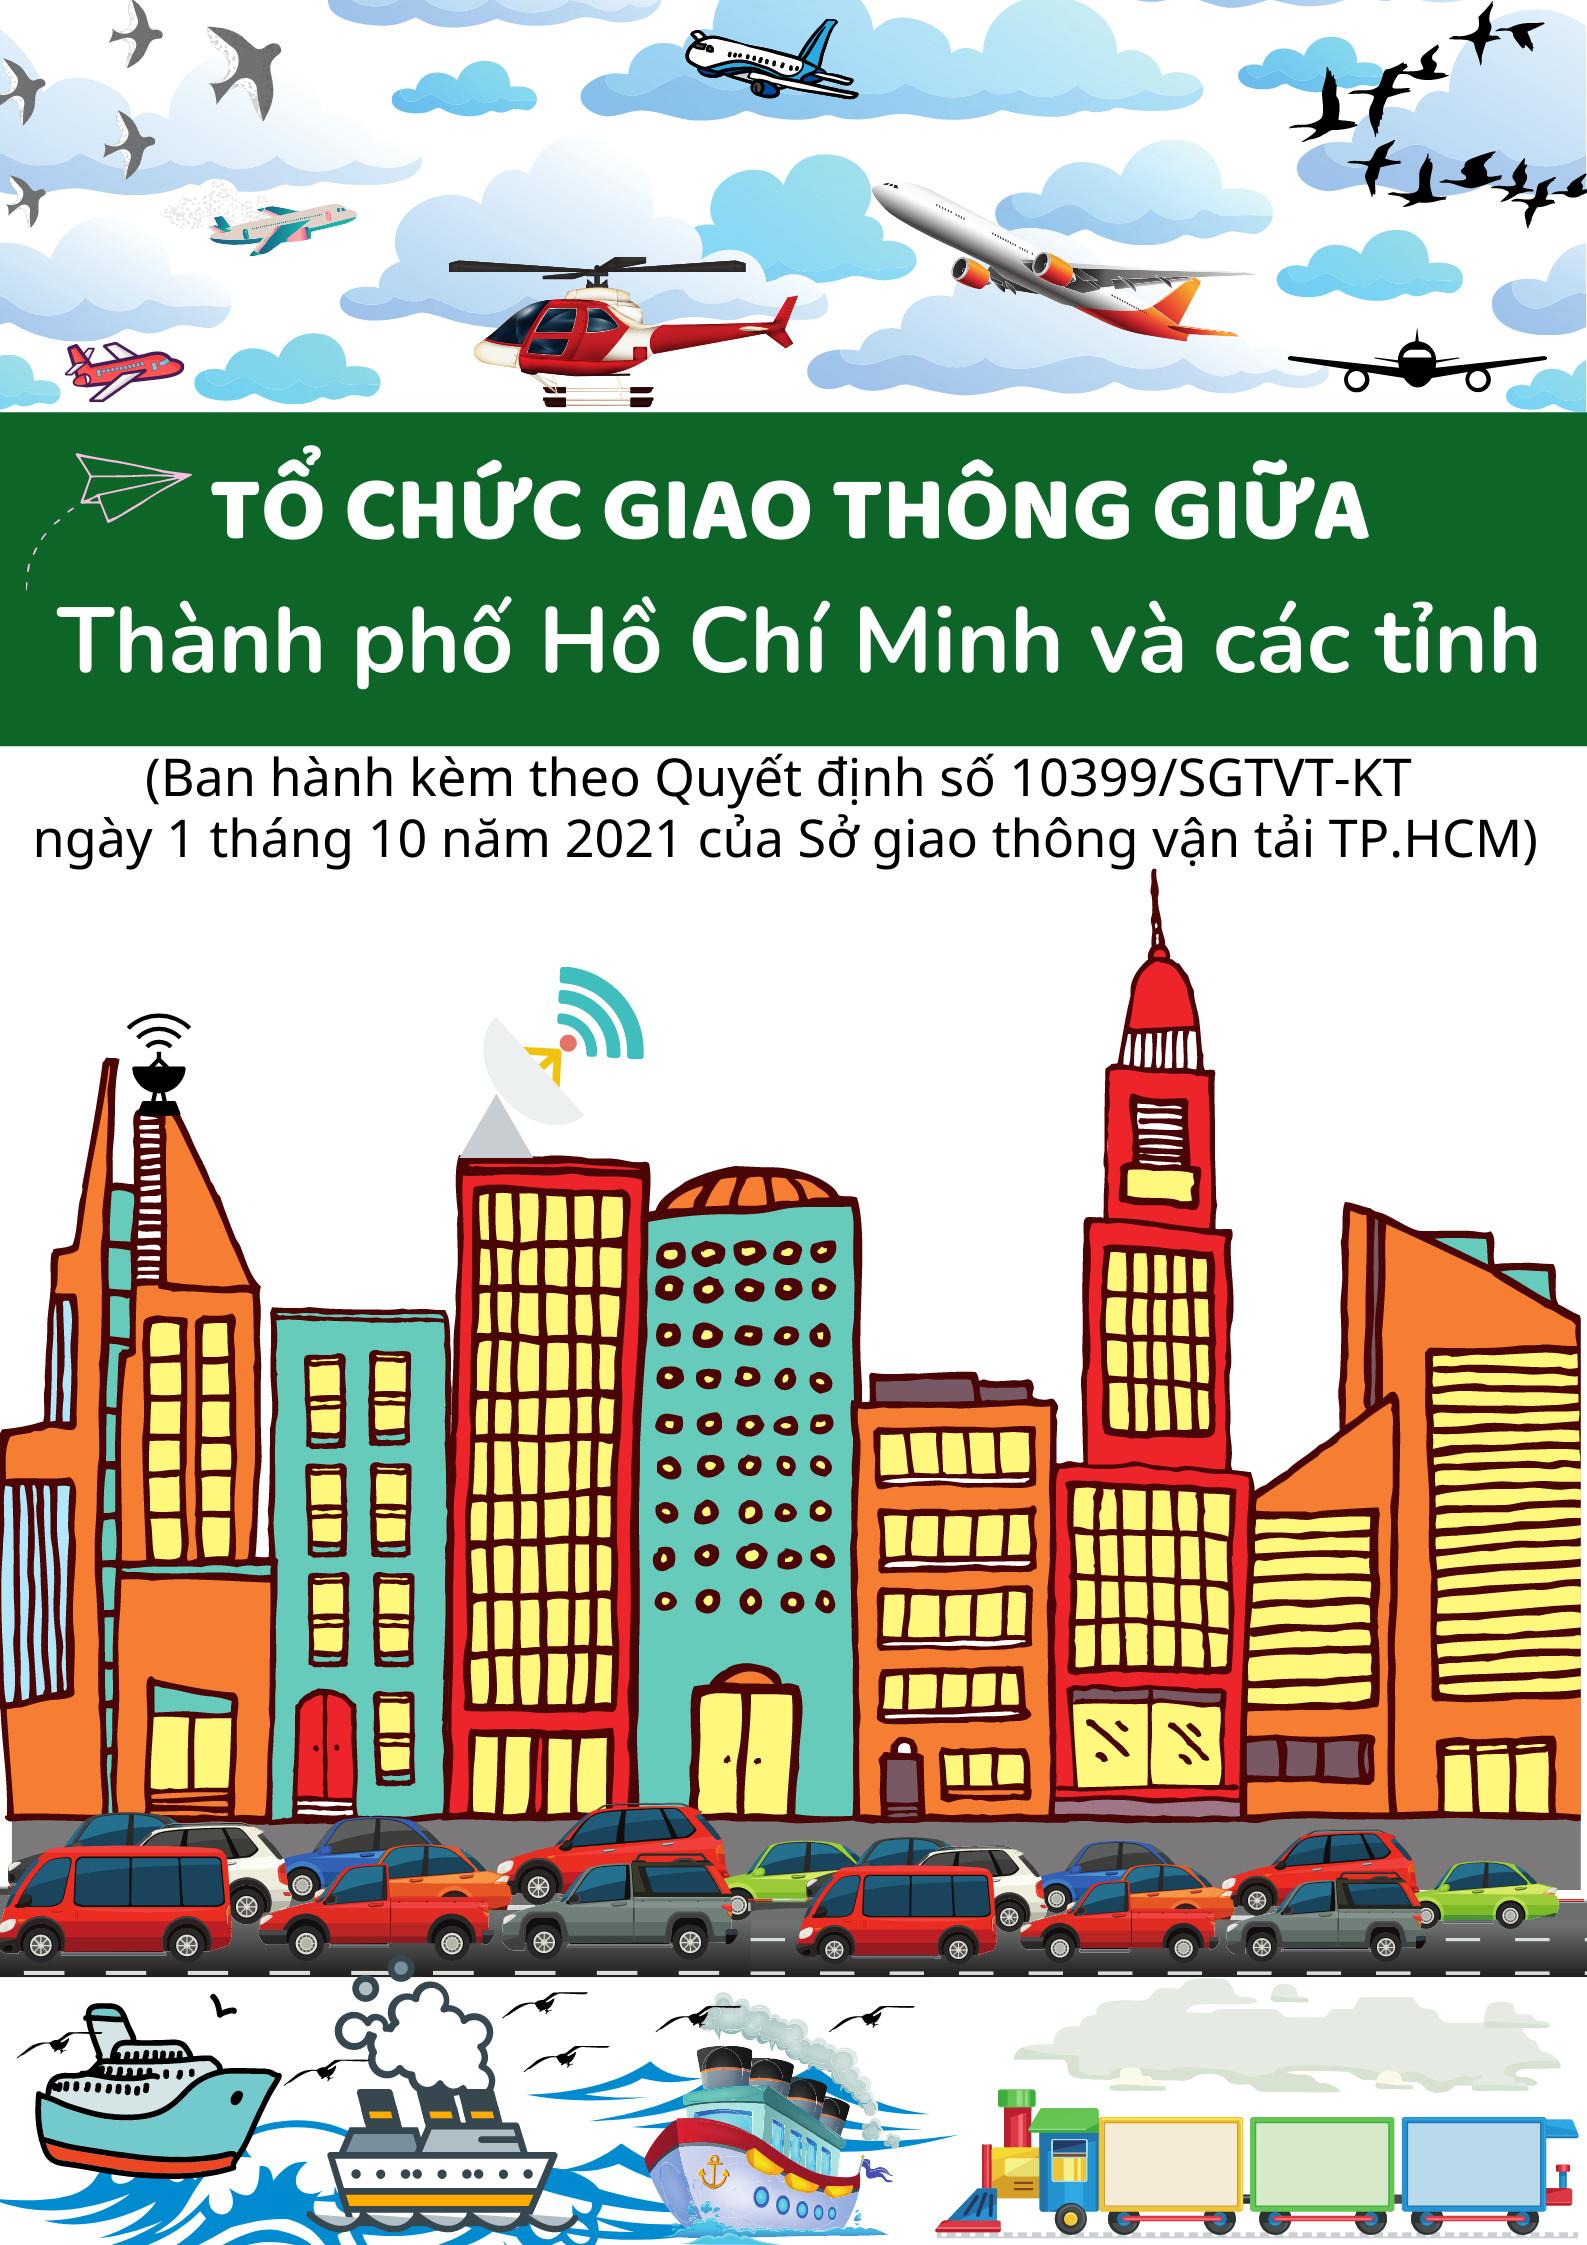 Hướng dẫn người dân từ TP.HCM đi các tỉnh/thành phố và ngược lại trong một số trường hợp cấp thiết